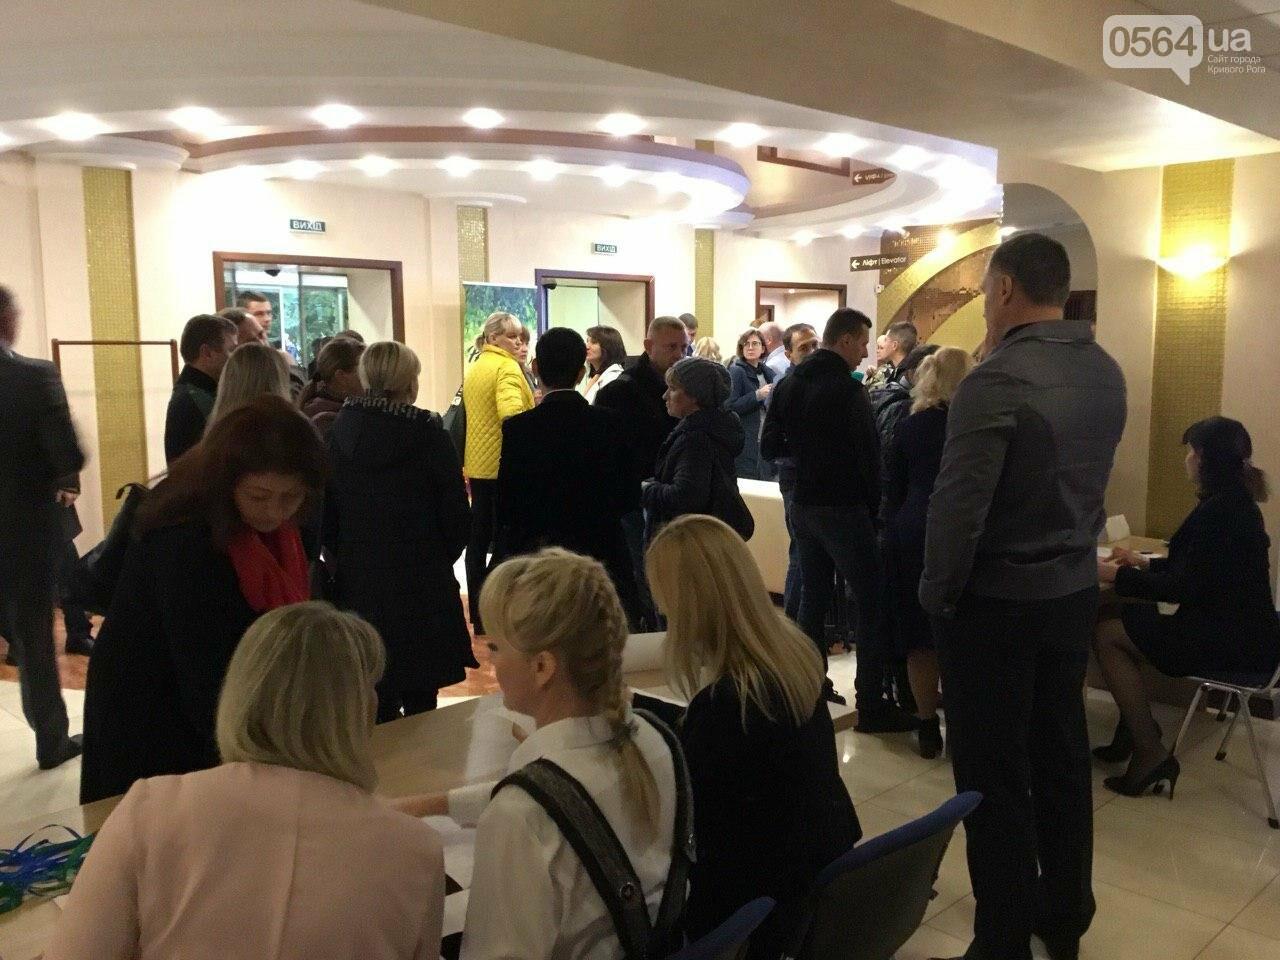 Жители Широковского района пытались попасть на выездное заседание эко - Комитета Рады в Кривом Роге, - ФОТО, ВИДЕО, фото-4